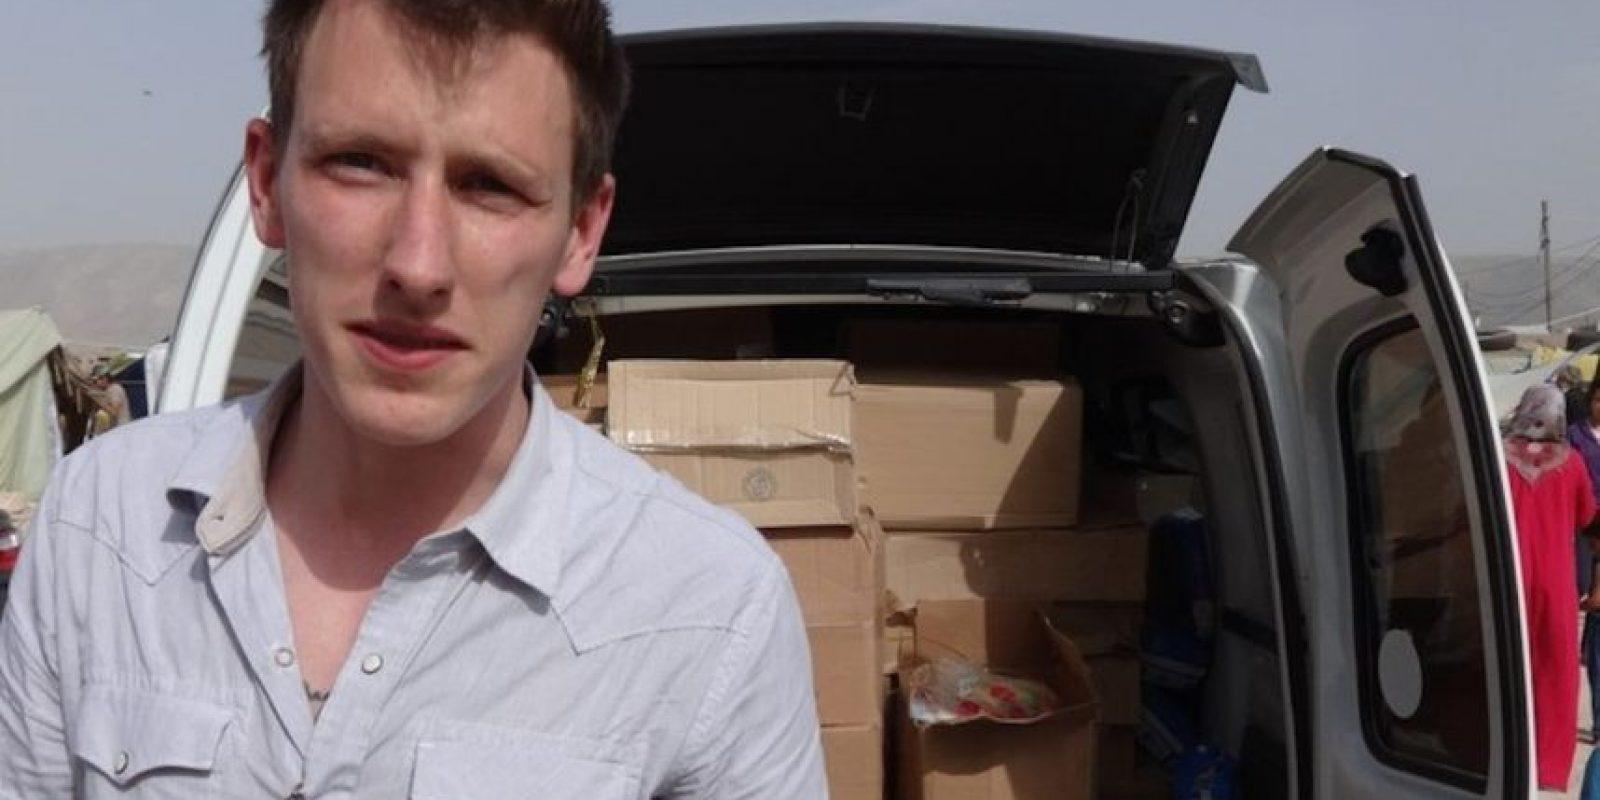 El estadounidense Peter Kassig, quien trabajaba como activista humanitario en Siria también murió a manos del grupo terrorista. Foto:AP